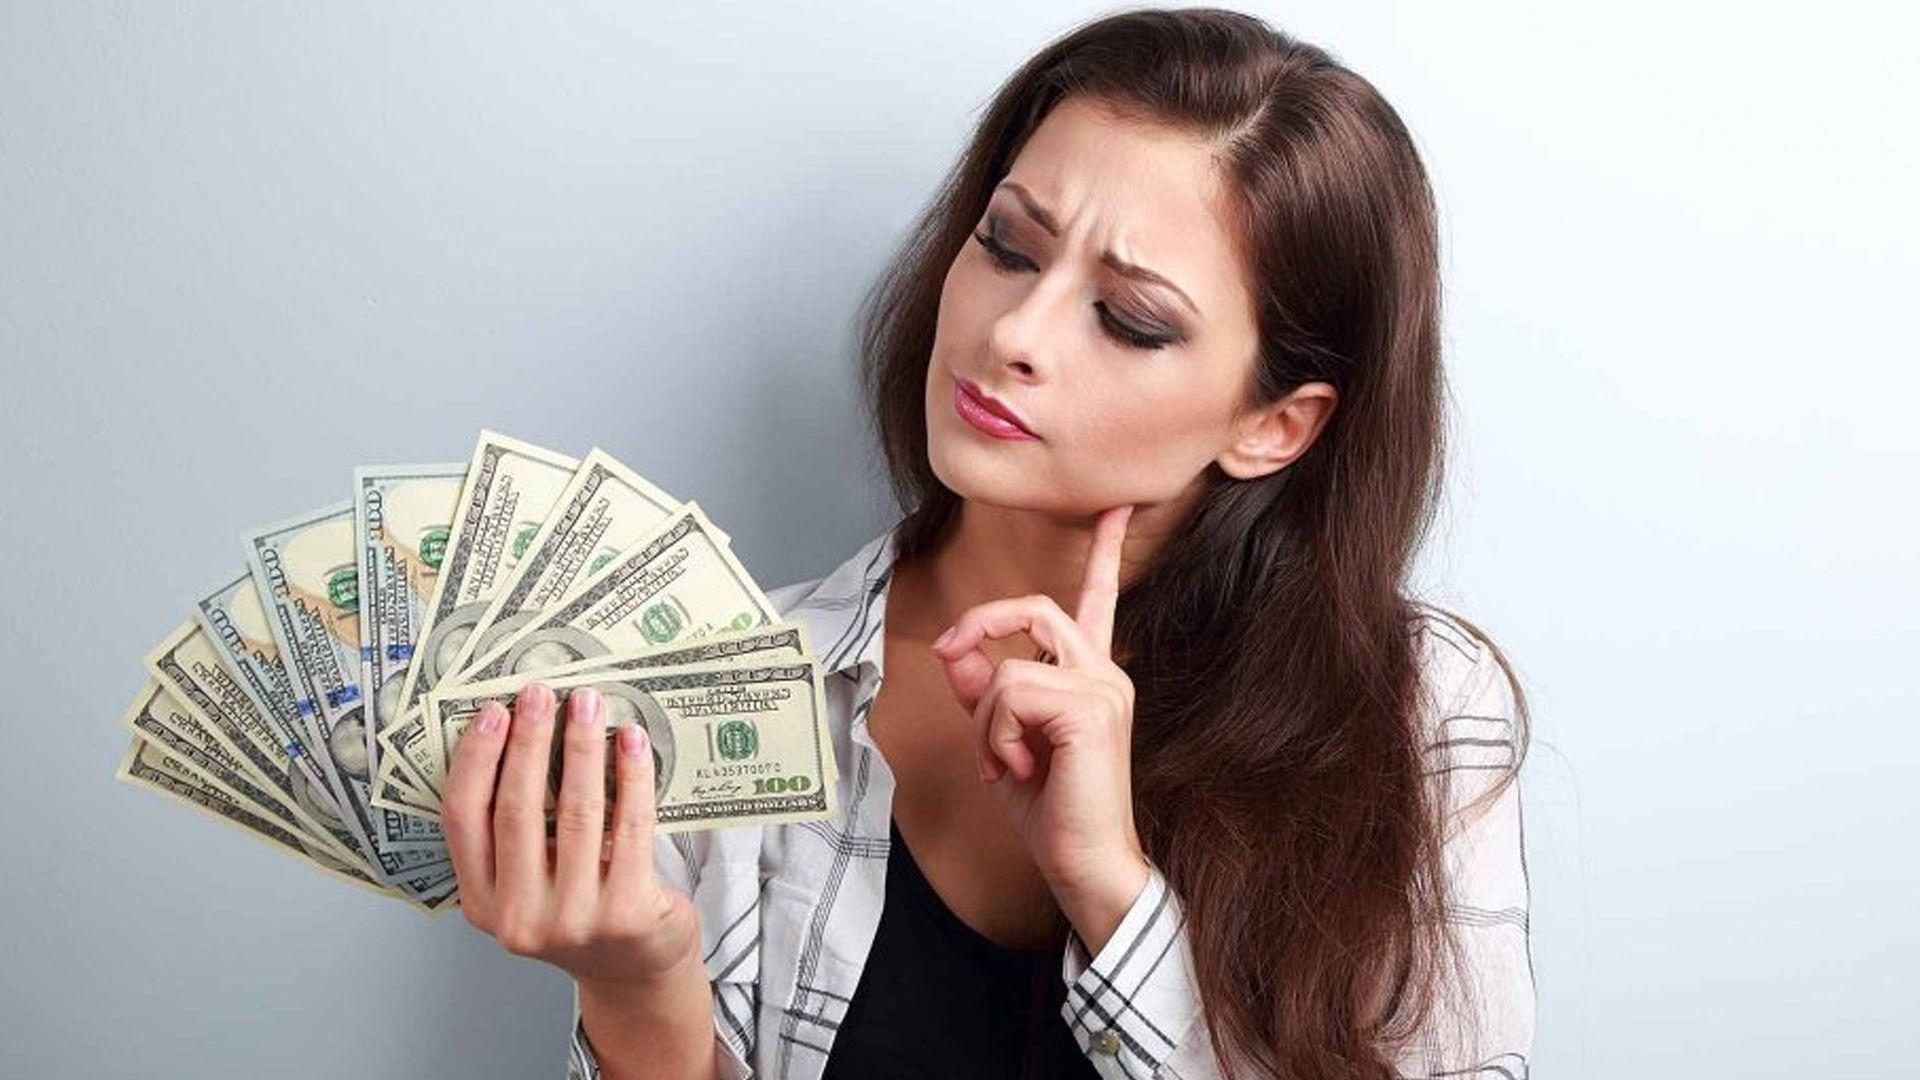 uždirbantys pinigus internete)